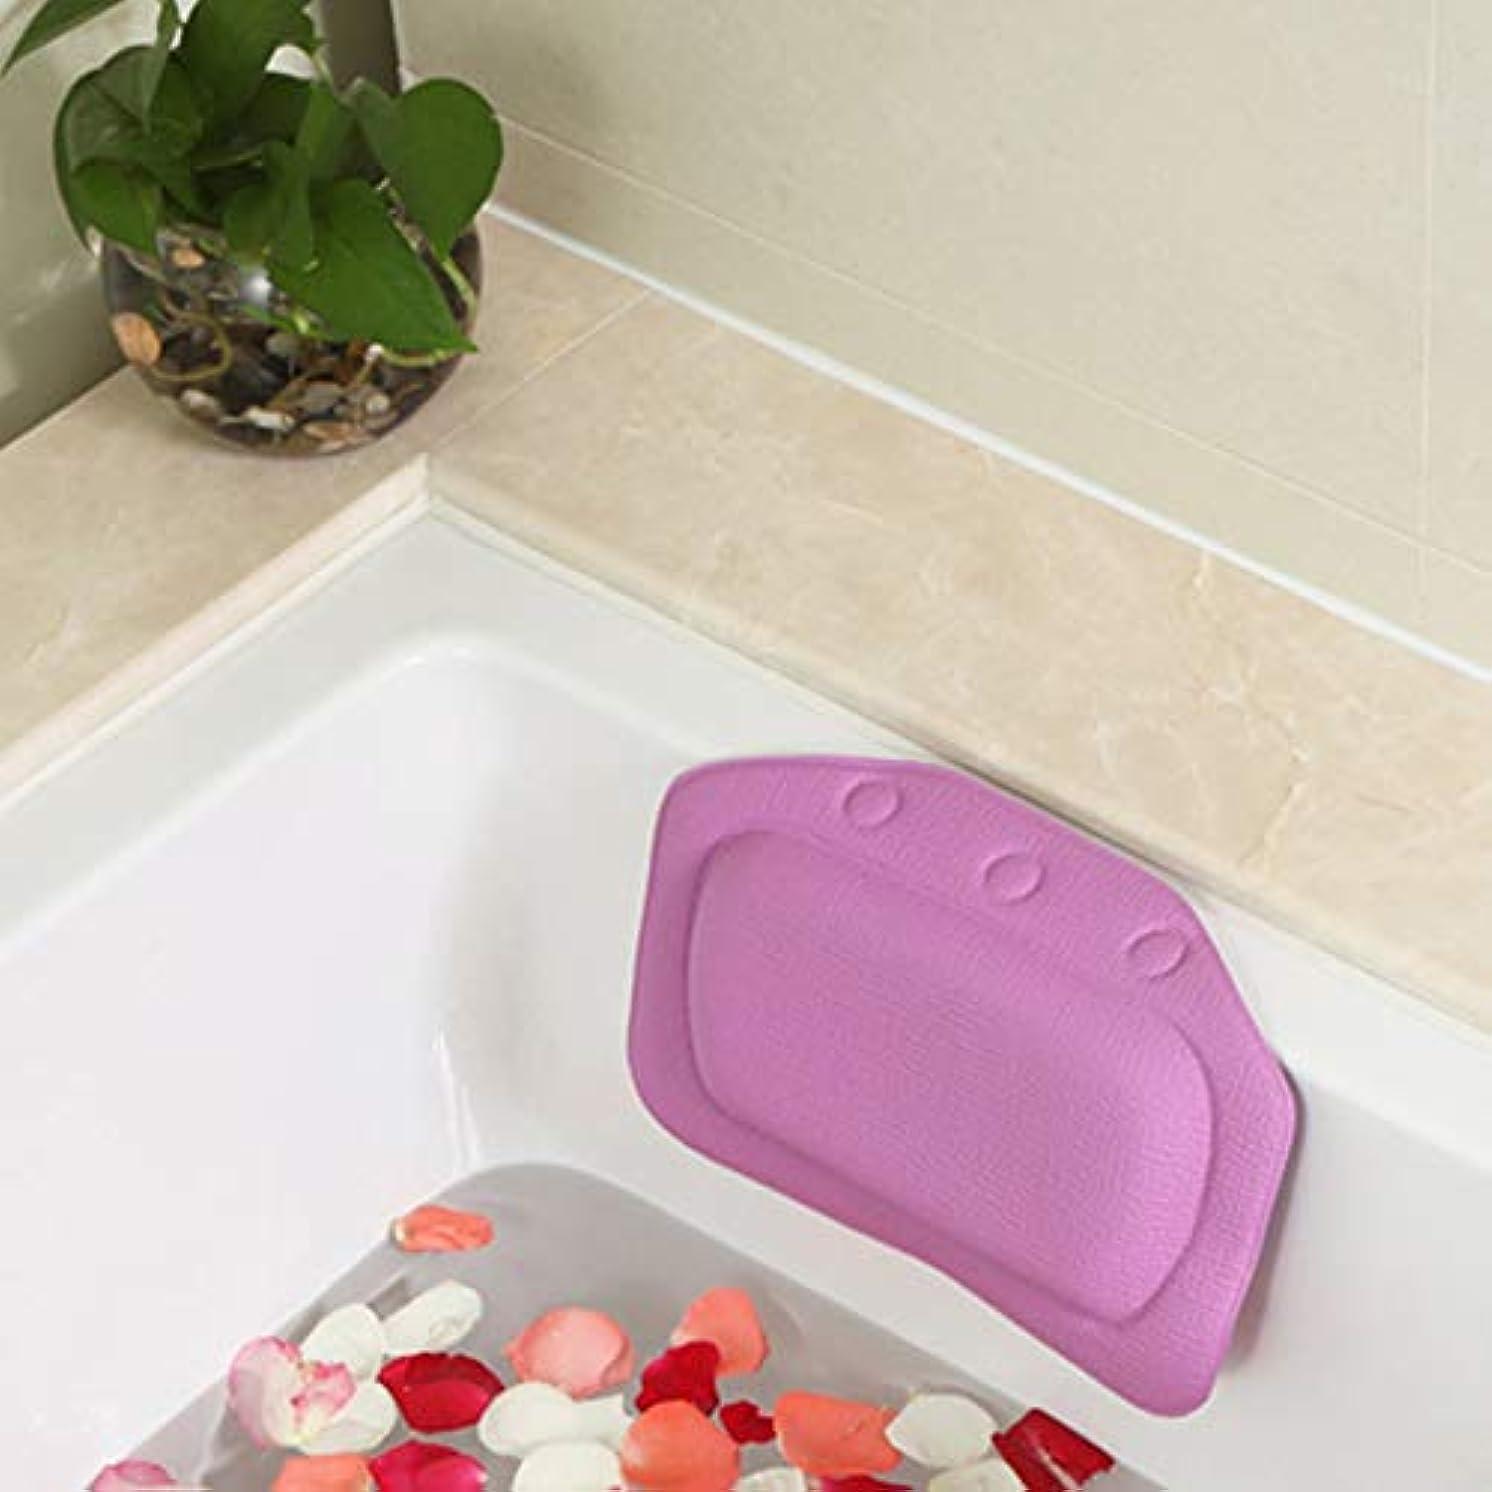 事前に欠かせない慢性的柔らかいpvc発泡スポンジ風呂枕防水ヘッドレストクッション付き浴室シャワー浴槽リラックスアクセサリー,Purple